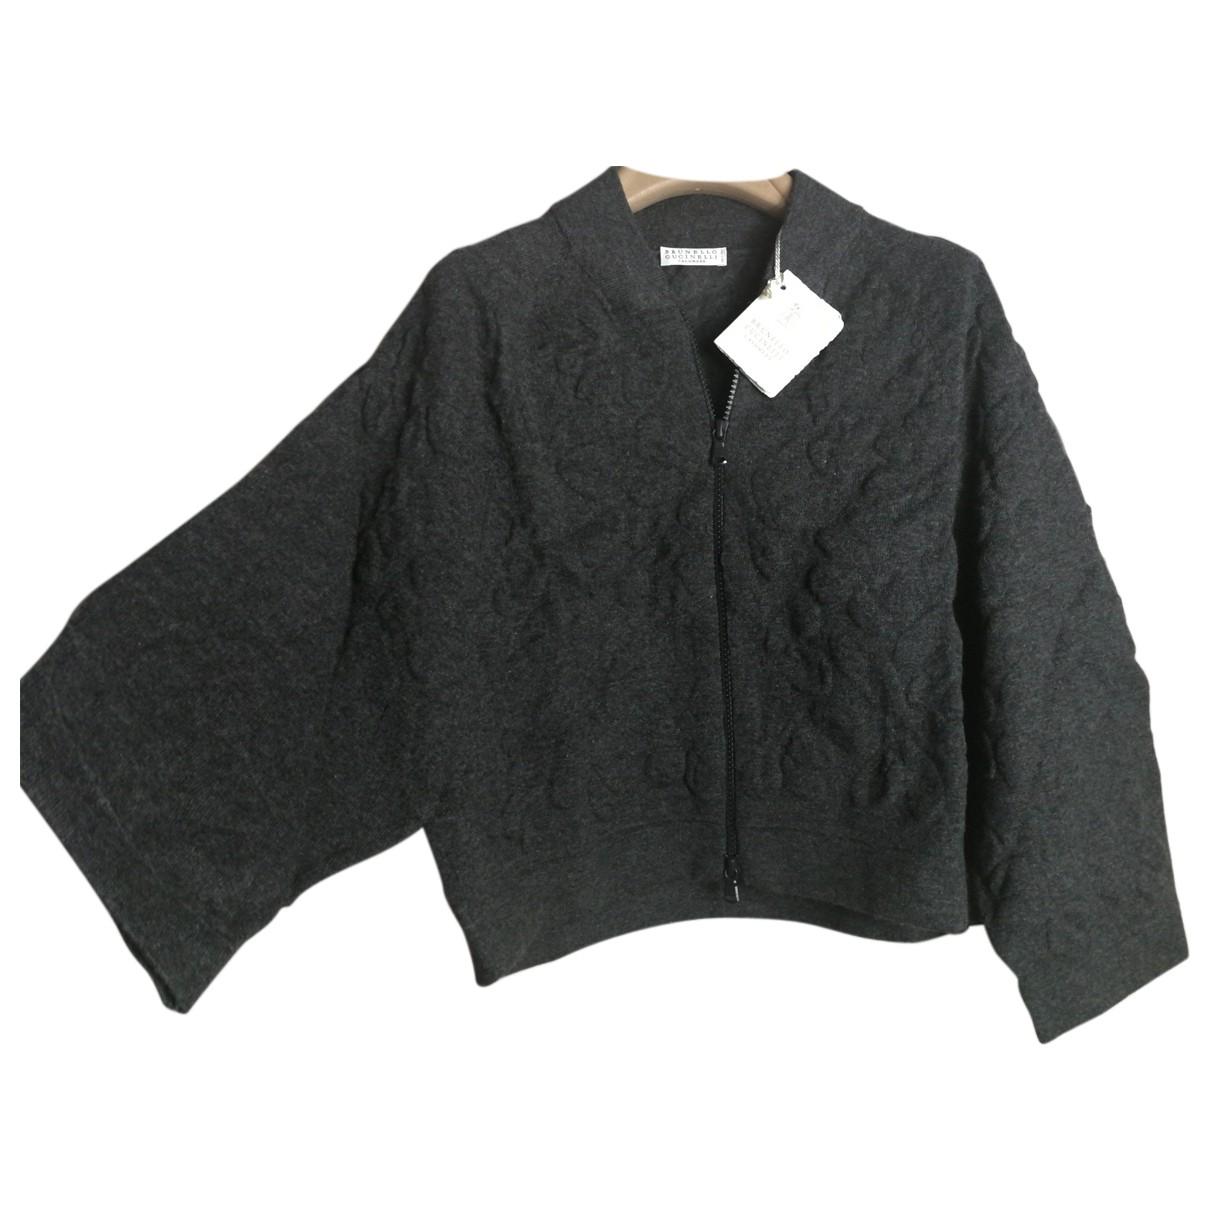 Brunello Cucinelli N Anthracite Cashmere Knitwear for Women M International